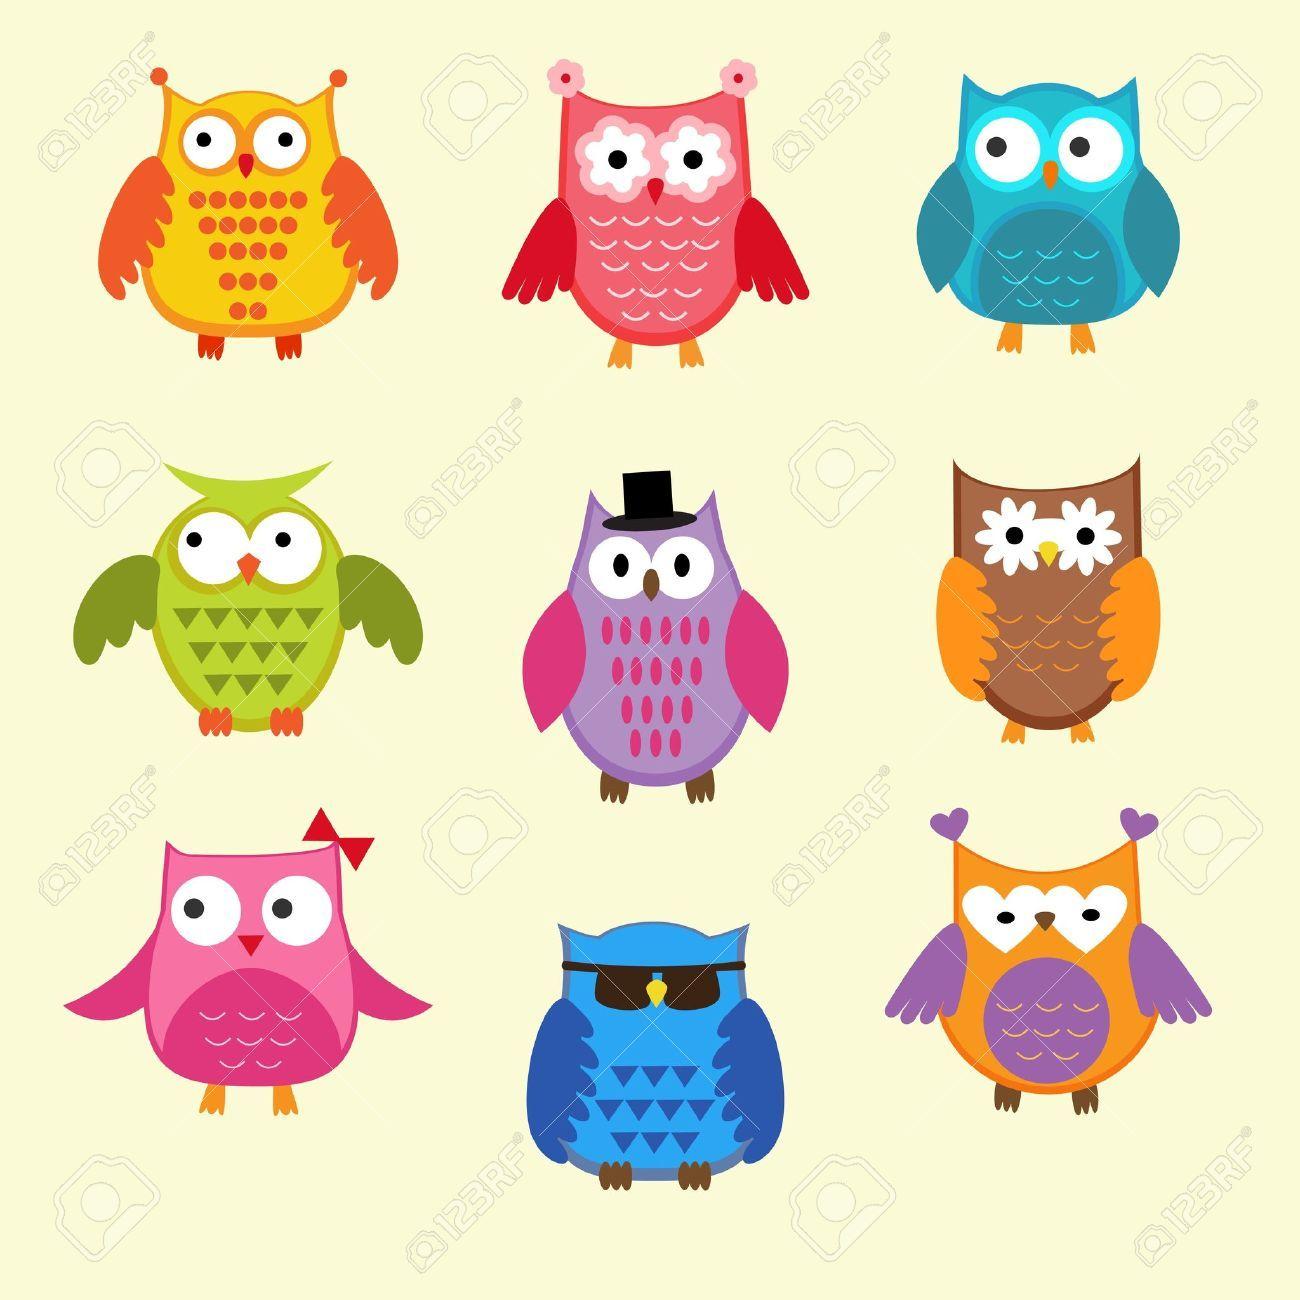 20+ Free Clipart Cute Owls